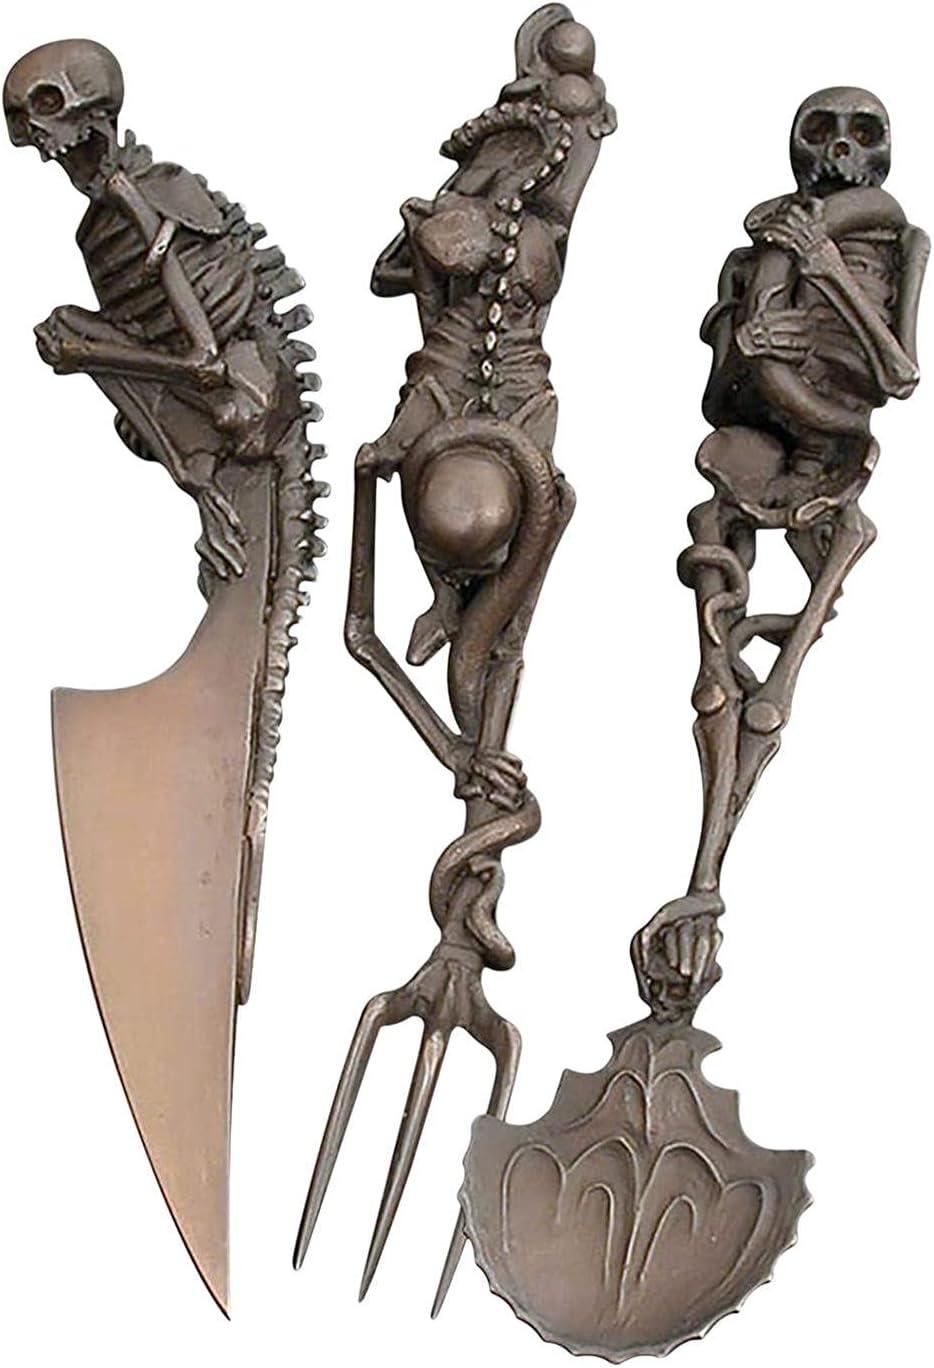 gormyel Juego de Cubiertos de Esqueleto de Halloween de 3 Piezas, vajilla de Metal de Calavera con Personalidad, Cubiertos de Halloween, Tenedor/Cuchara/Cuchillo de Esqueleto único